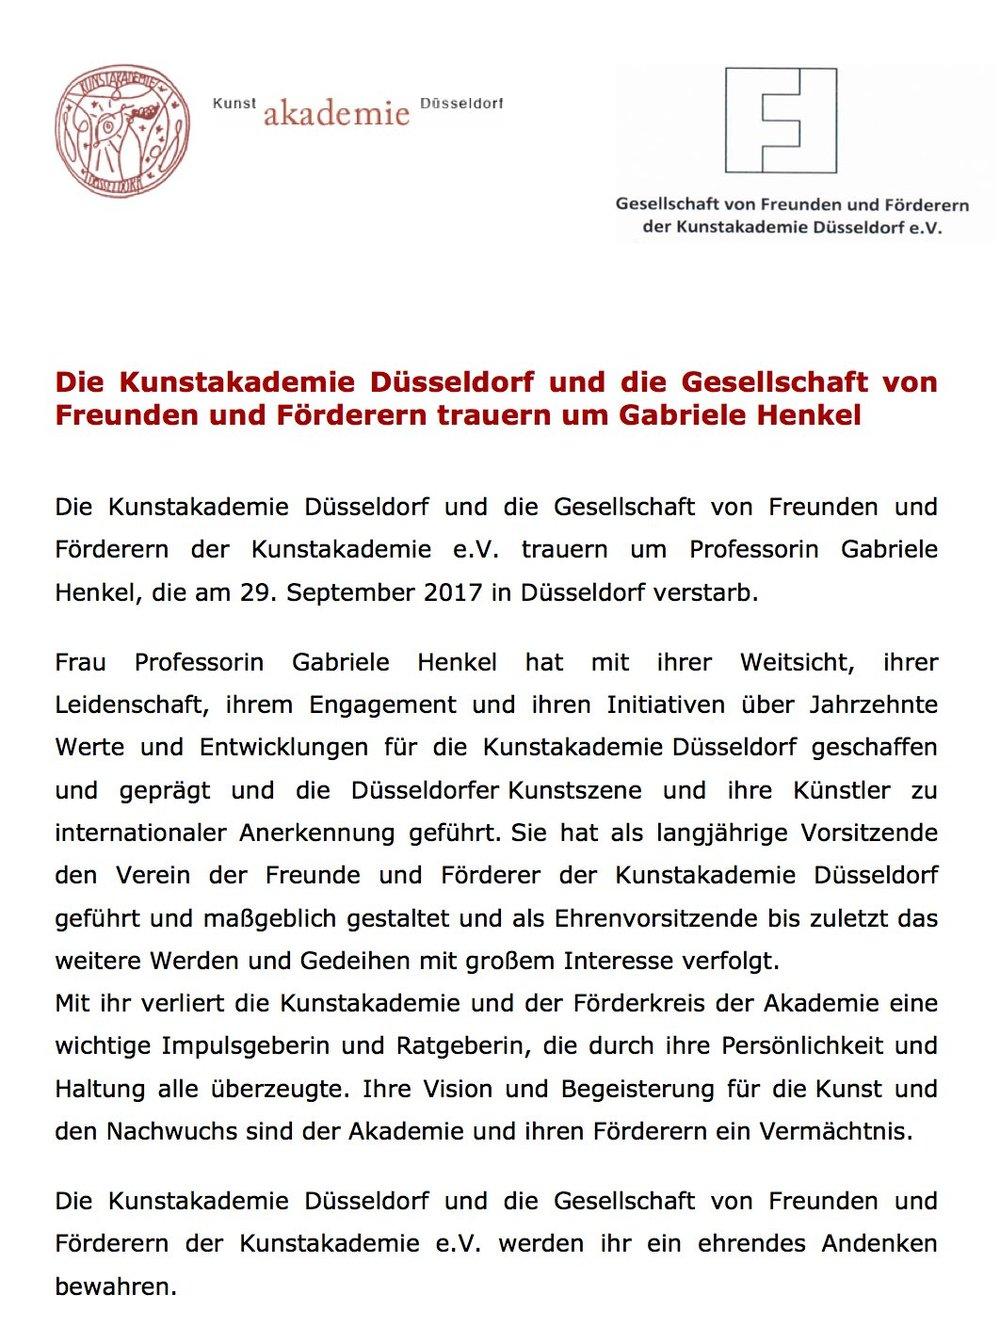 Pressemitteilung von Kunstakademie und Gesellschaft von Freunden und Förderern e.V., 04. Oktober 2017